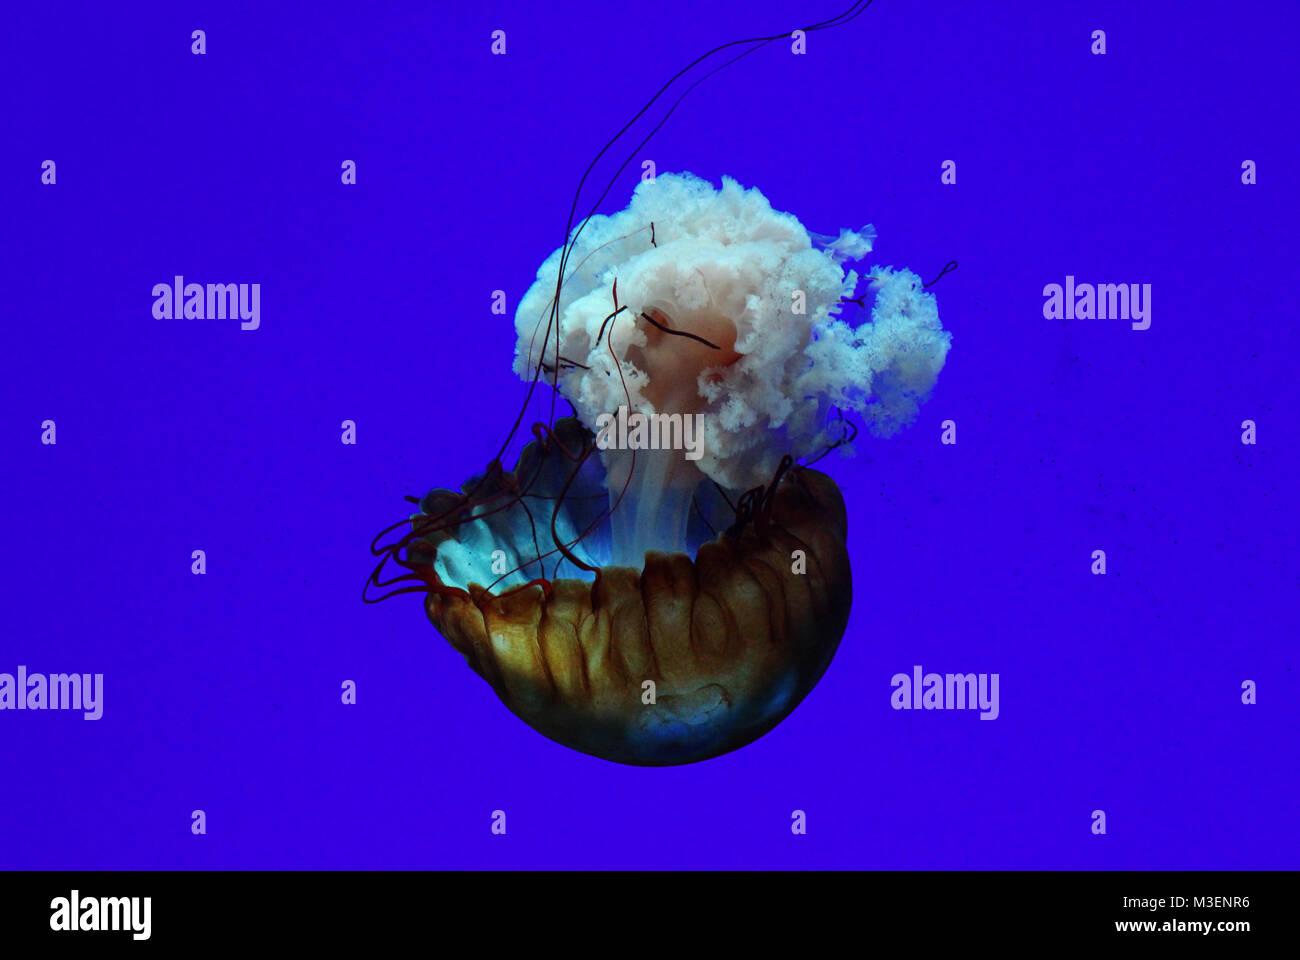 Meduse isolato nelle profonde acque blu Immagini Stock